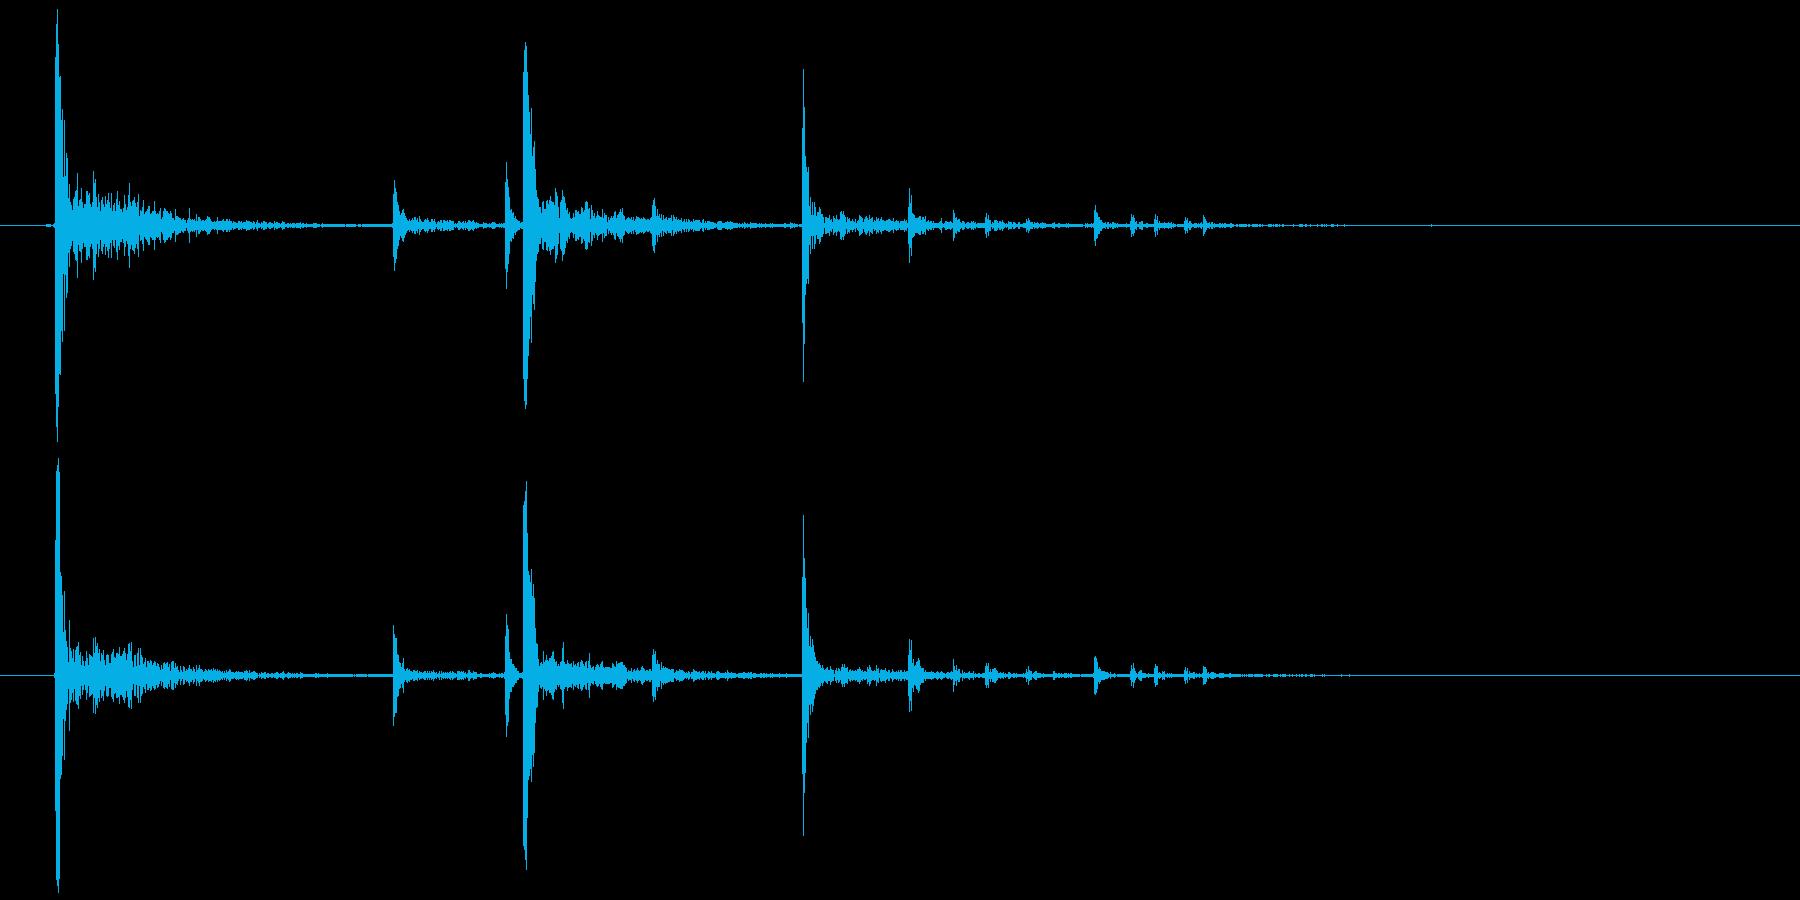 置く、落下 軽い系(物音)カッ、コロリの再生済みの波形